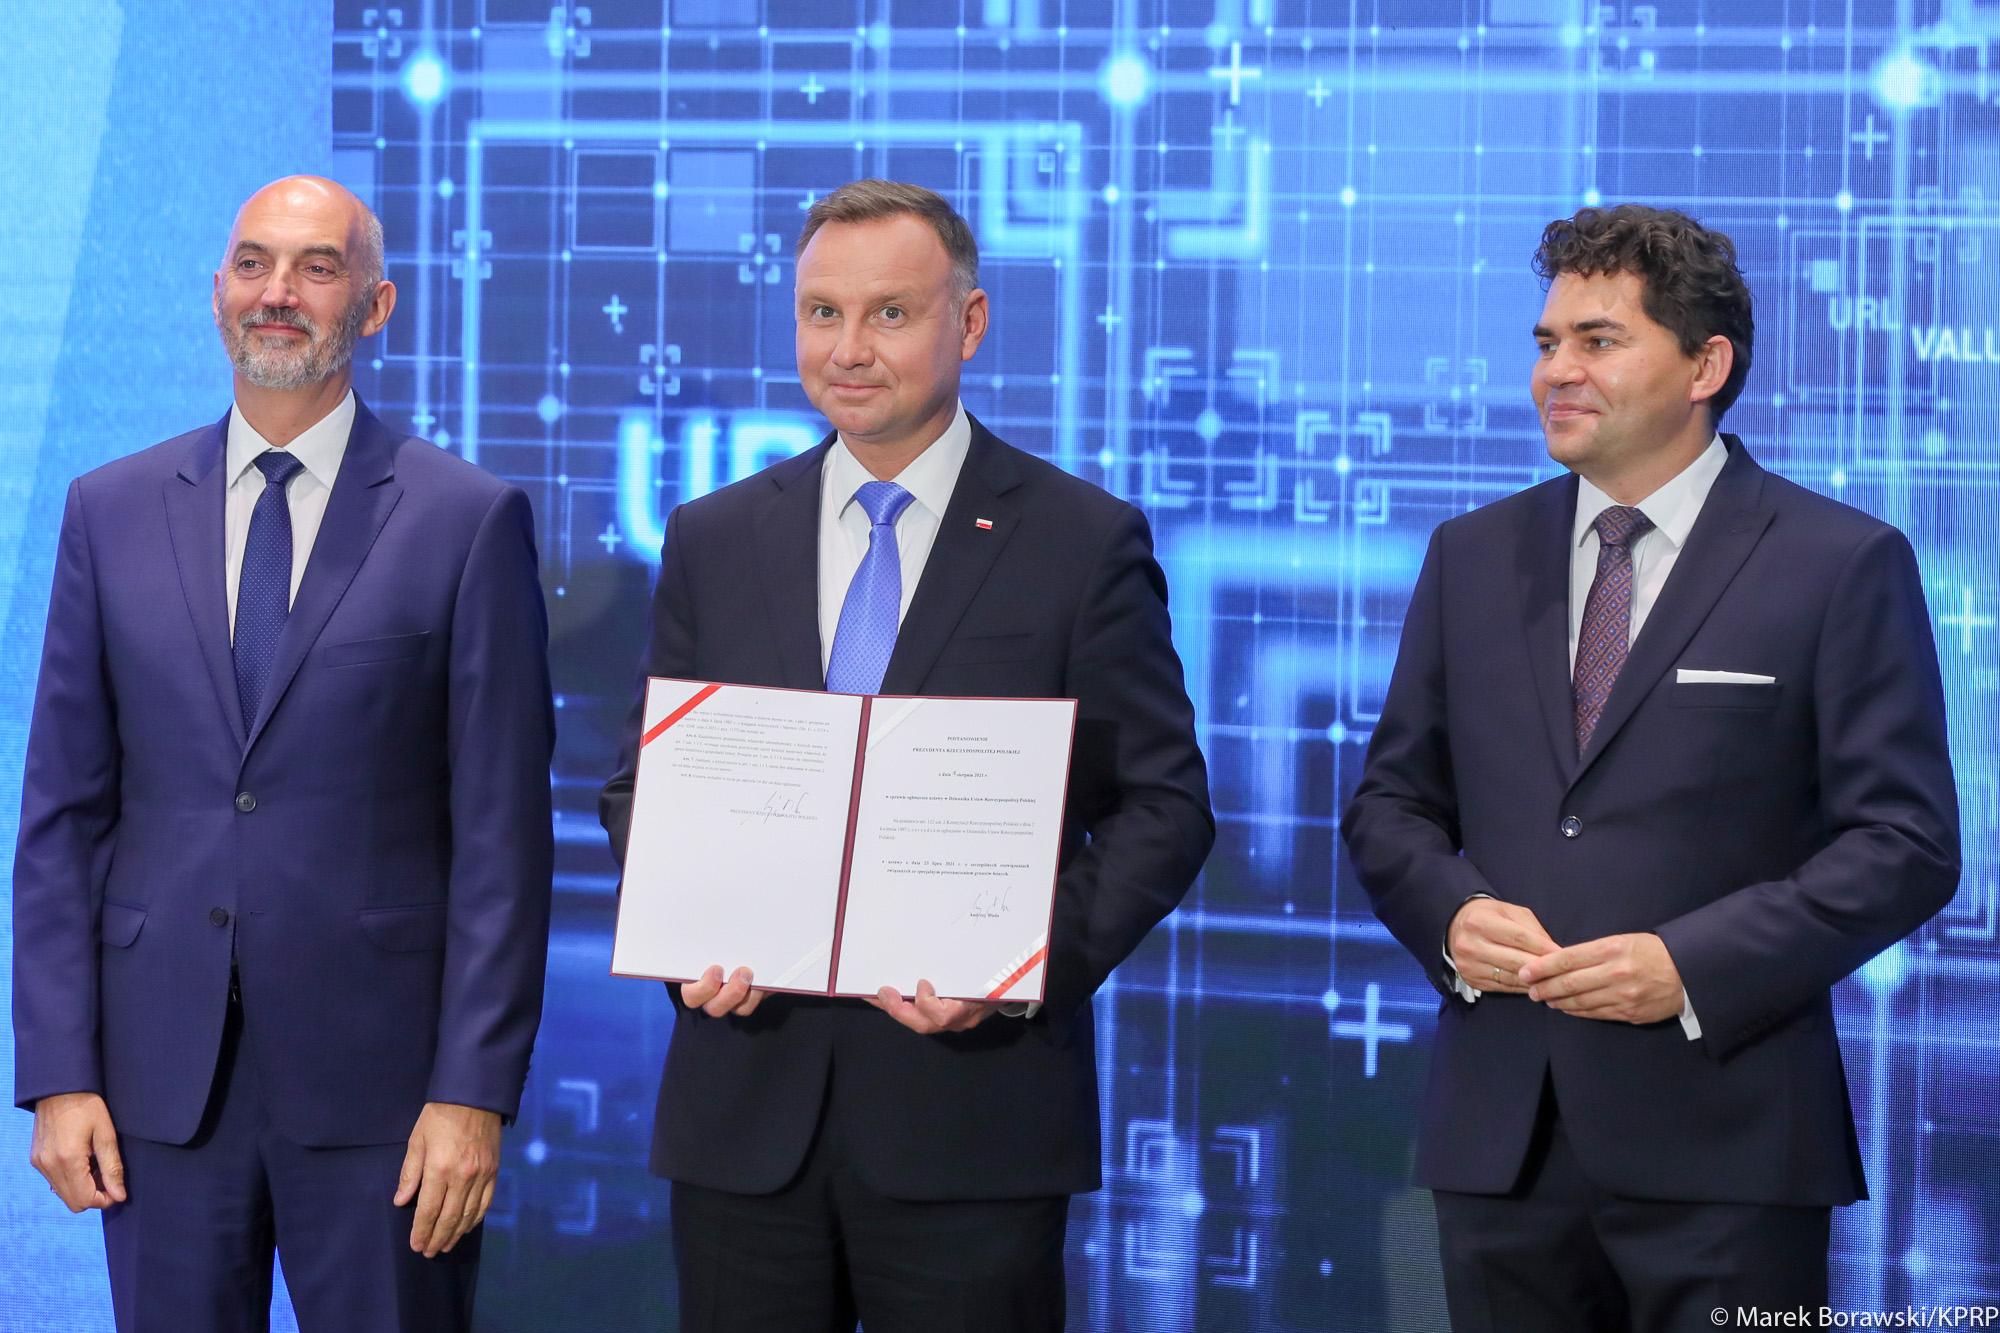 Prezydent Andrzej Duda w Stalowej Woli. Podpisał specustawę [ZDJĘCIA] - Zdjęcie główne